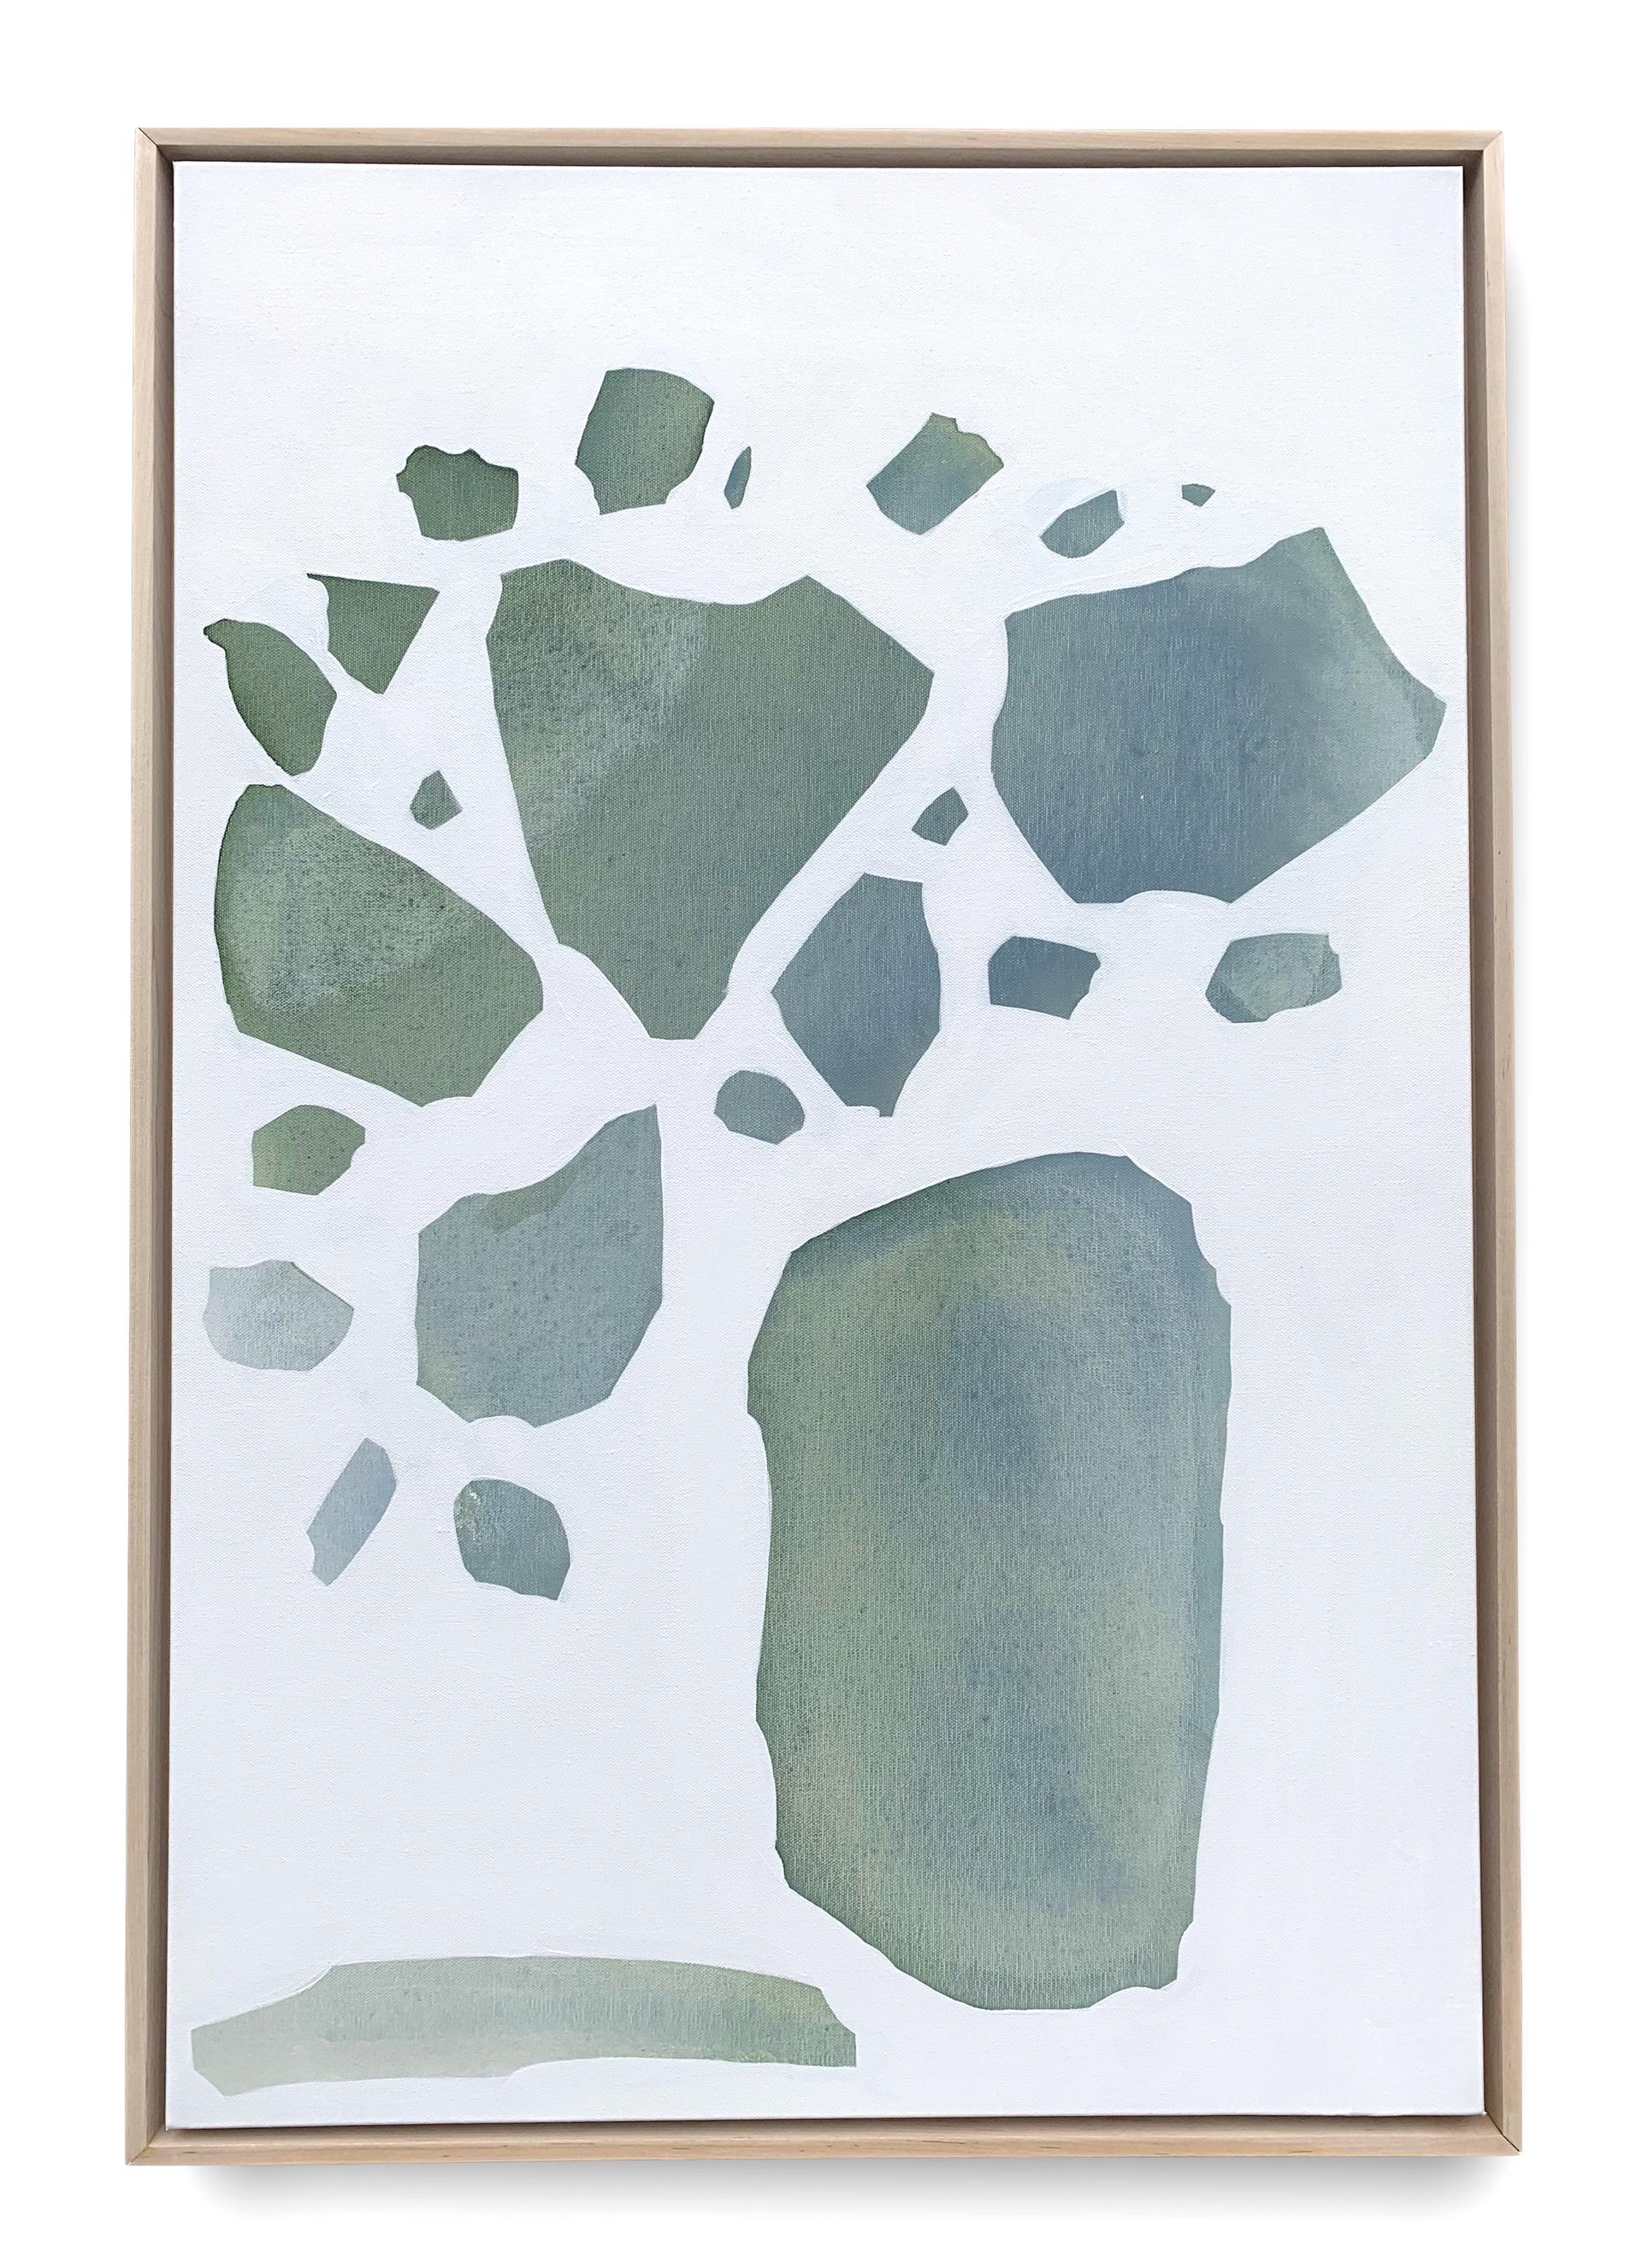 fragmented still - ii by Kit Porter